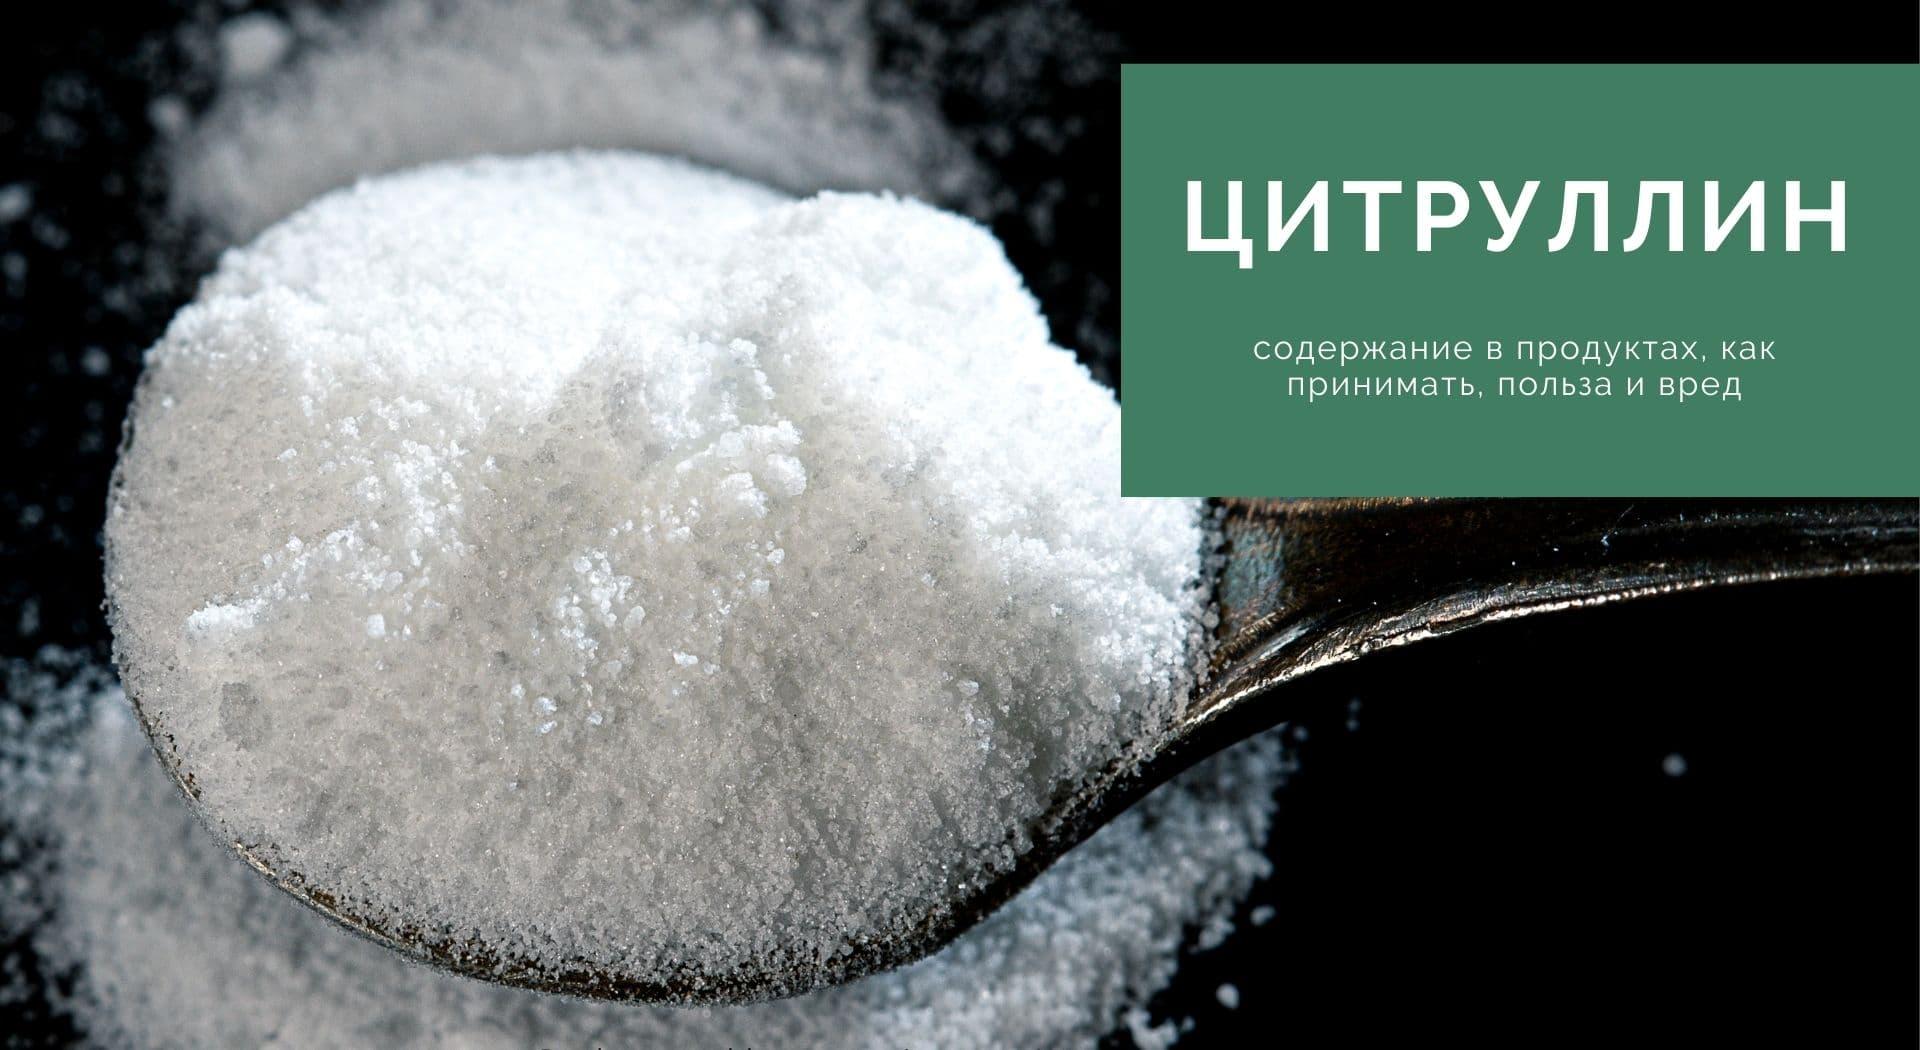 Цитруллин: содержание в продуктах, как принимать, польза и вред